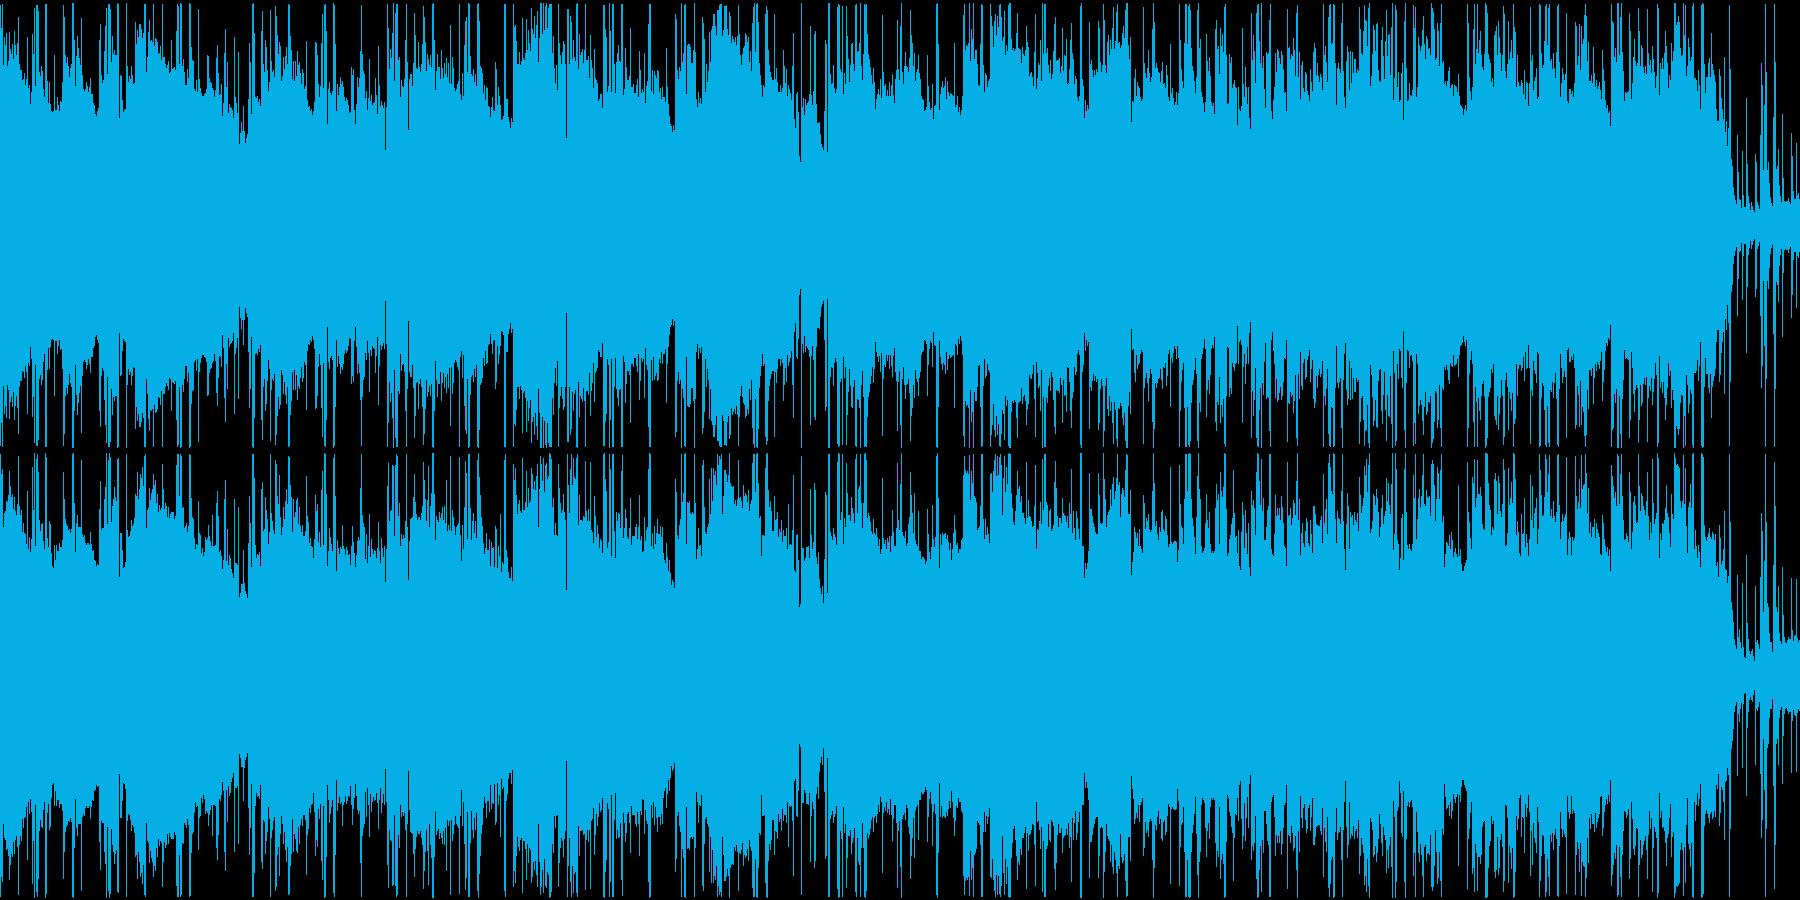 探偵・刑事モノ・捜査中のジャズ系・ループの再生済みの波形